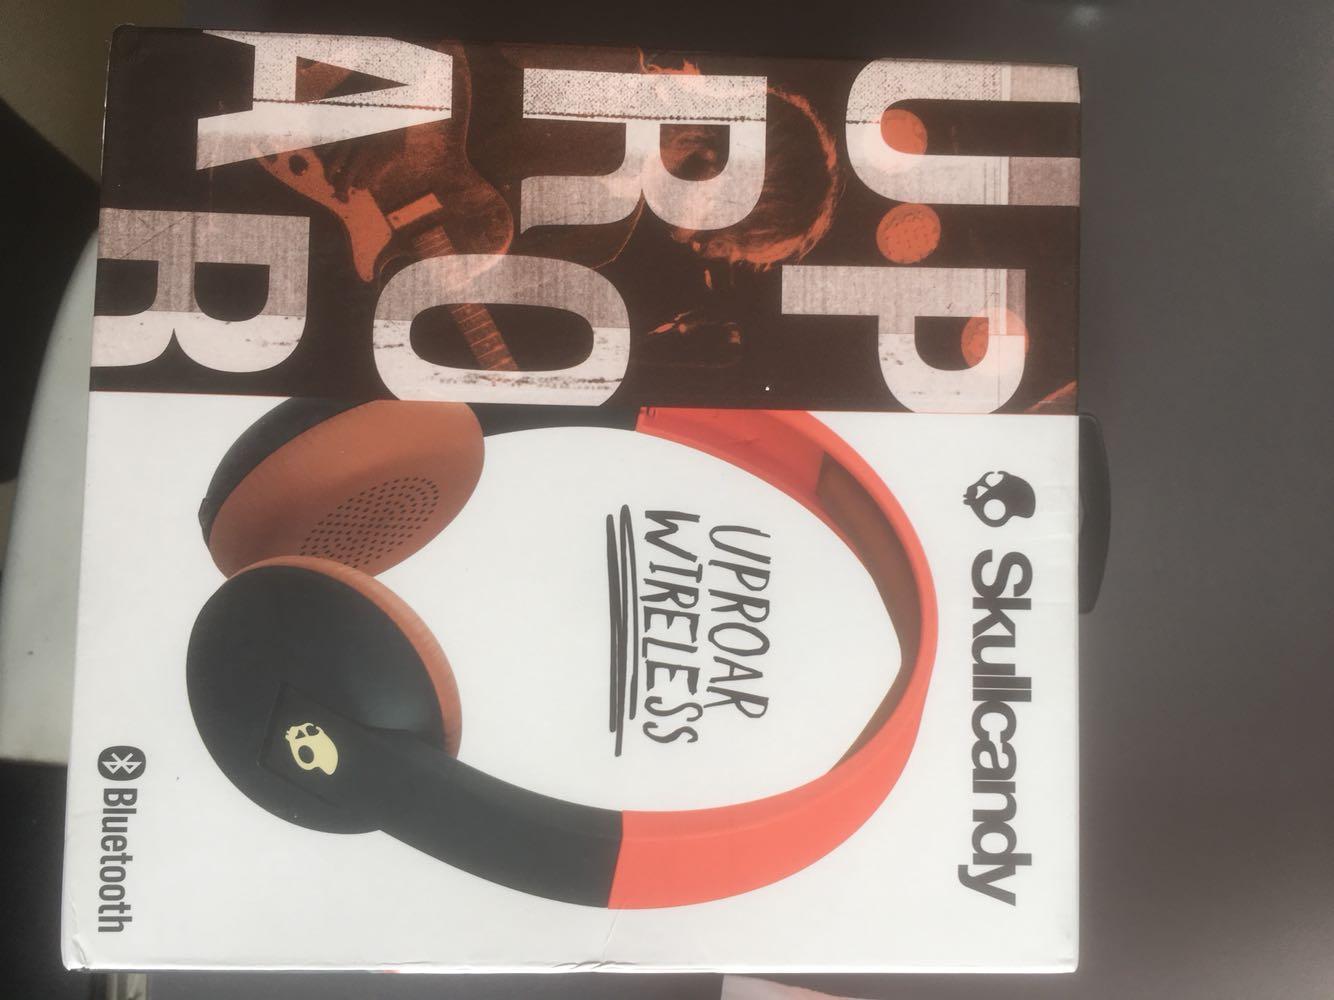 La qualité sonore authentique rapide ne sont pas déçu where can i buy basketball shoes online airmax97 0912098 bags